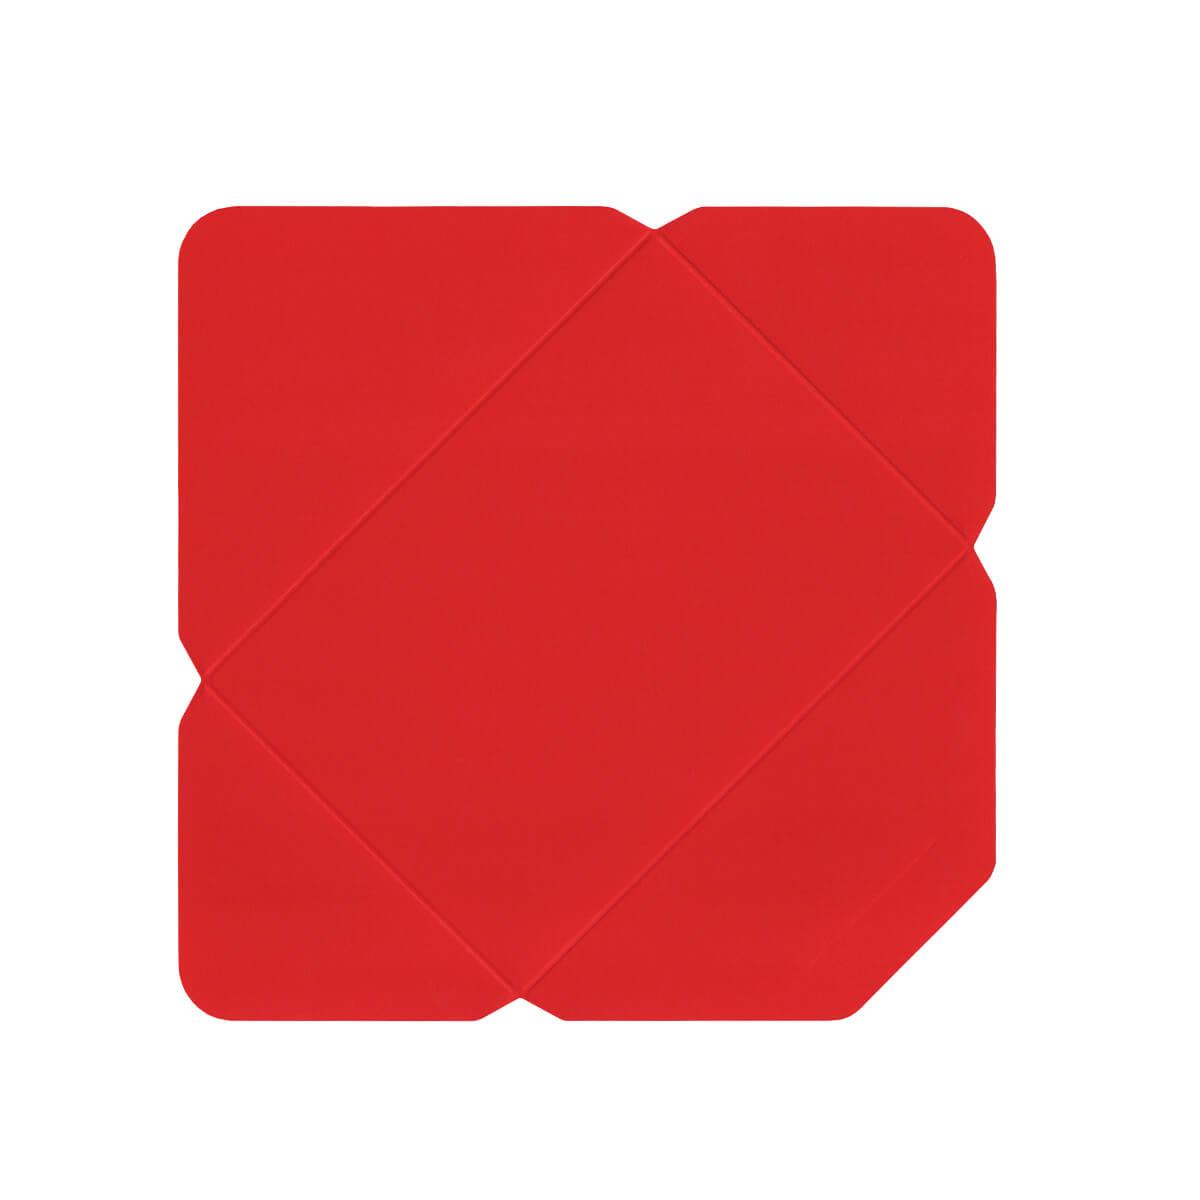 C6 DIE CUT BRIGHT RED ENVELOPES 300GSM